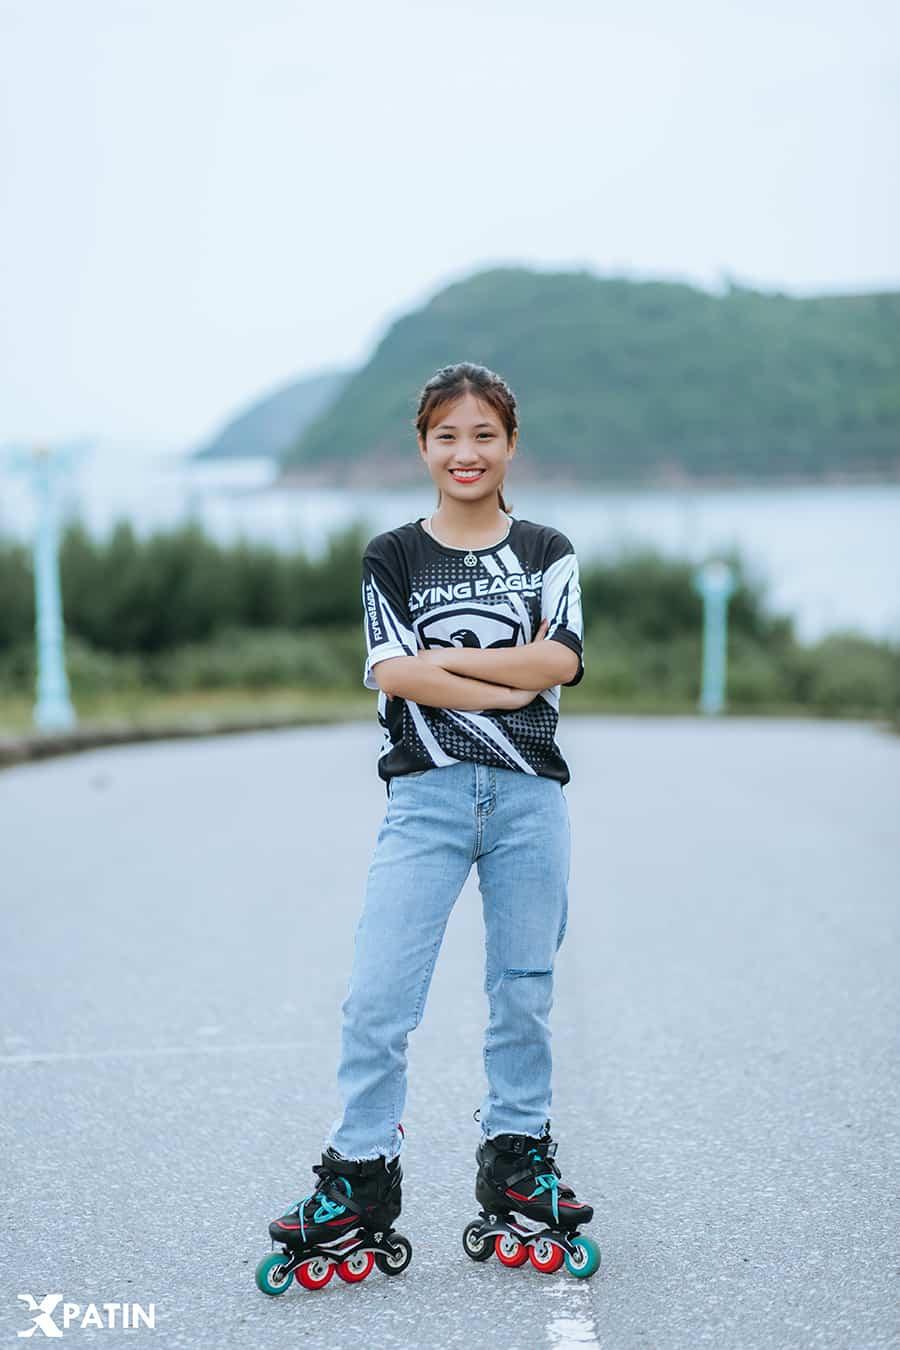 Trượt Patin chinh phục dốc tại khu du lịch Bãi Lữ Nghệ An ảnh 5